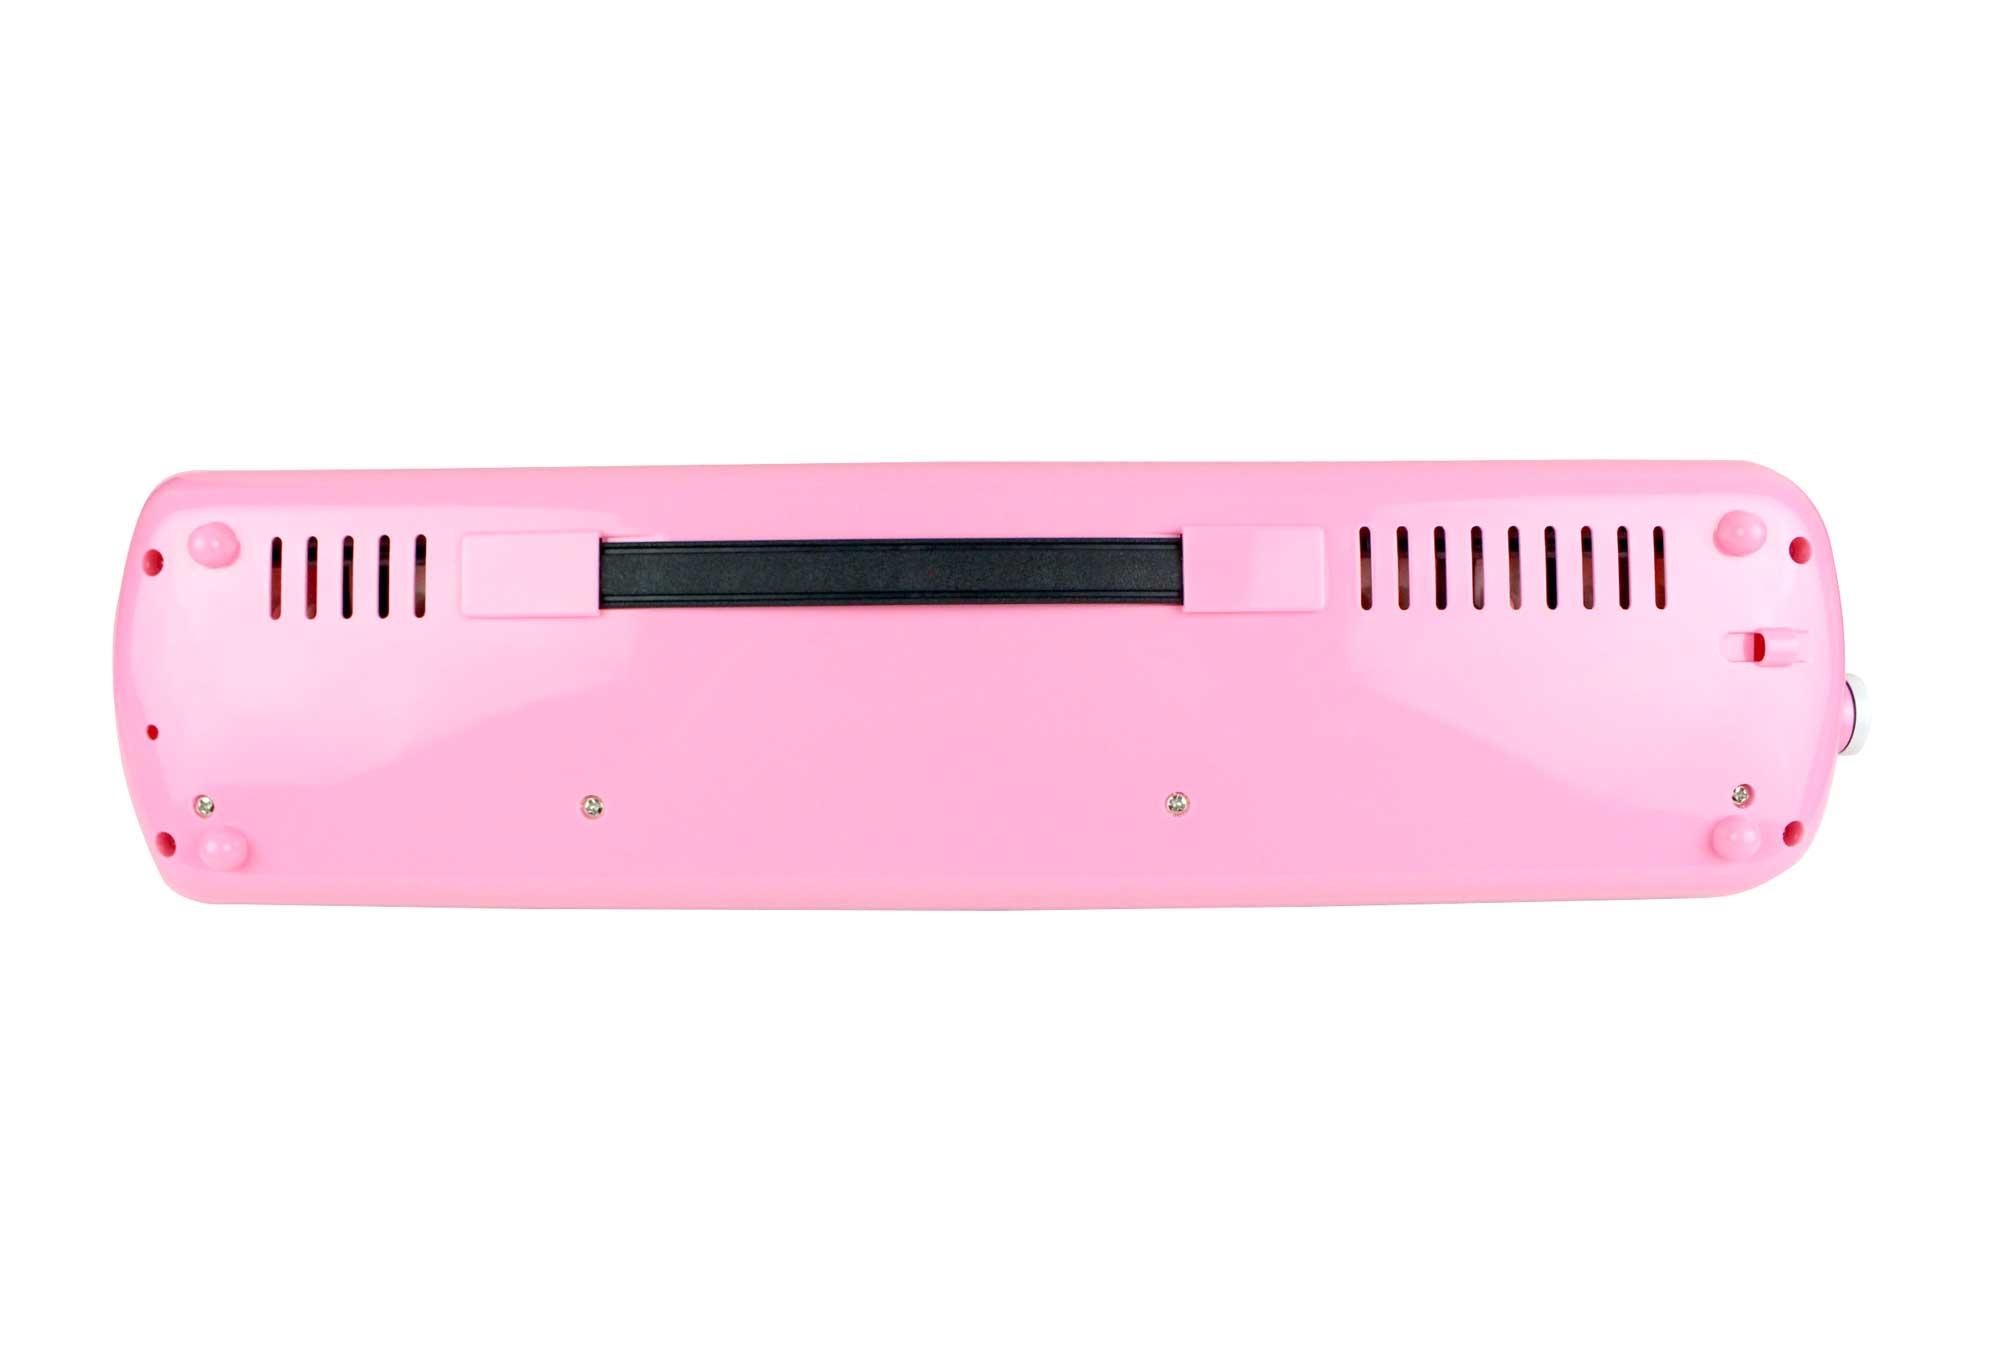 Escaleta melodica de 32 teclas rosa Dolphin ESCALETA32RS